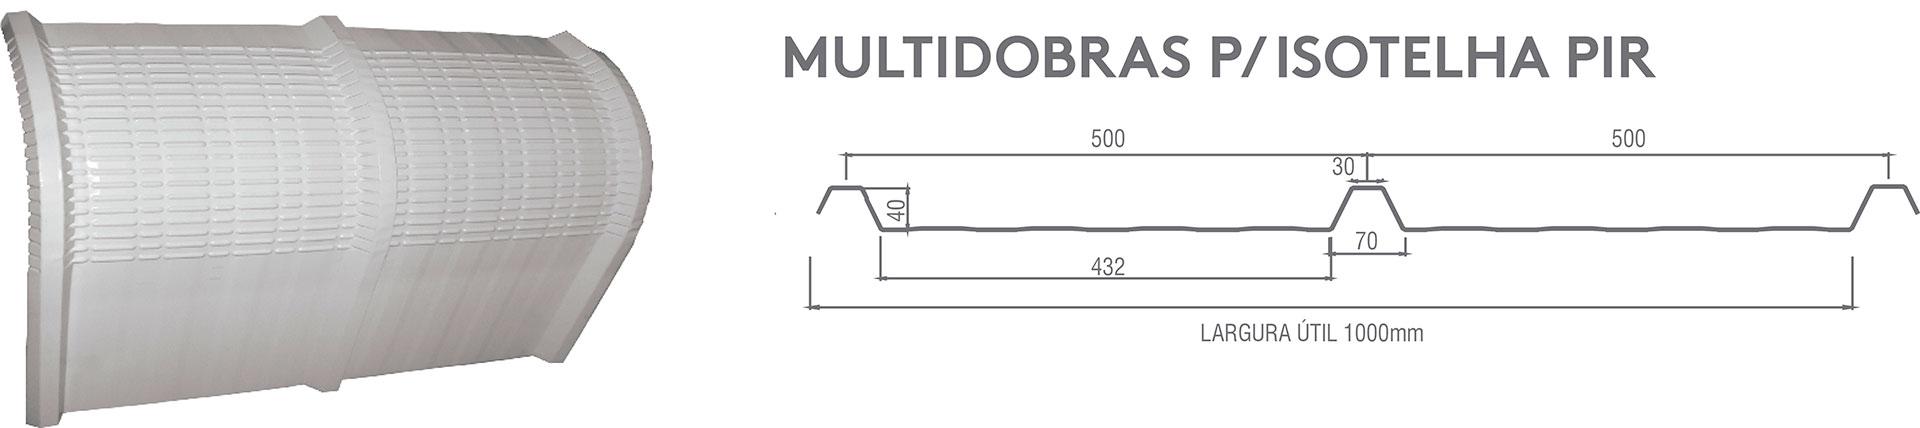 multidobras-isotelha-pir